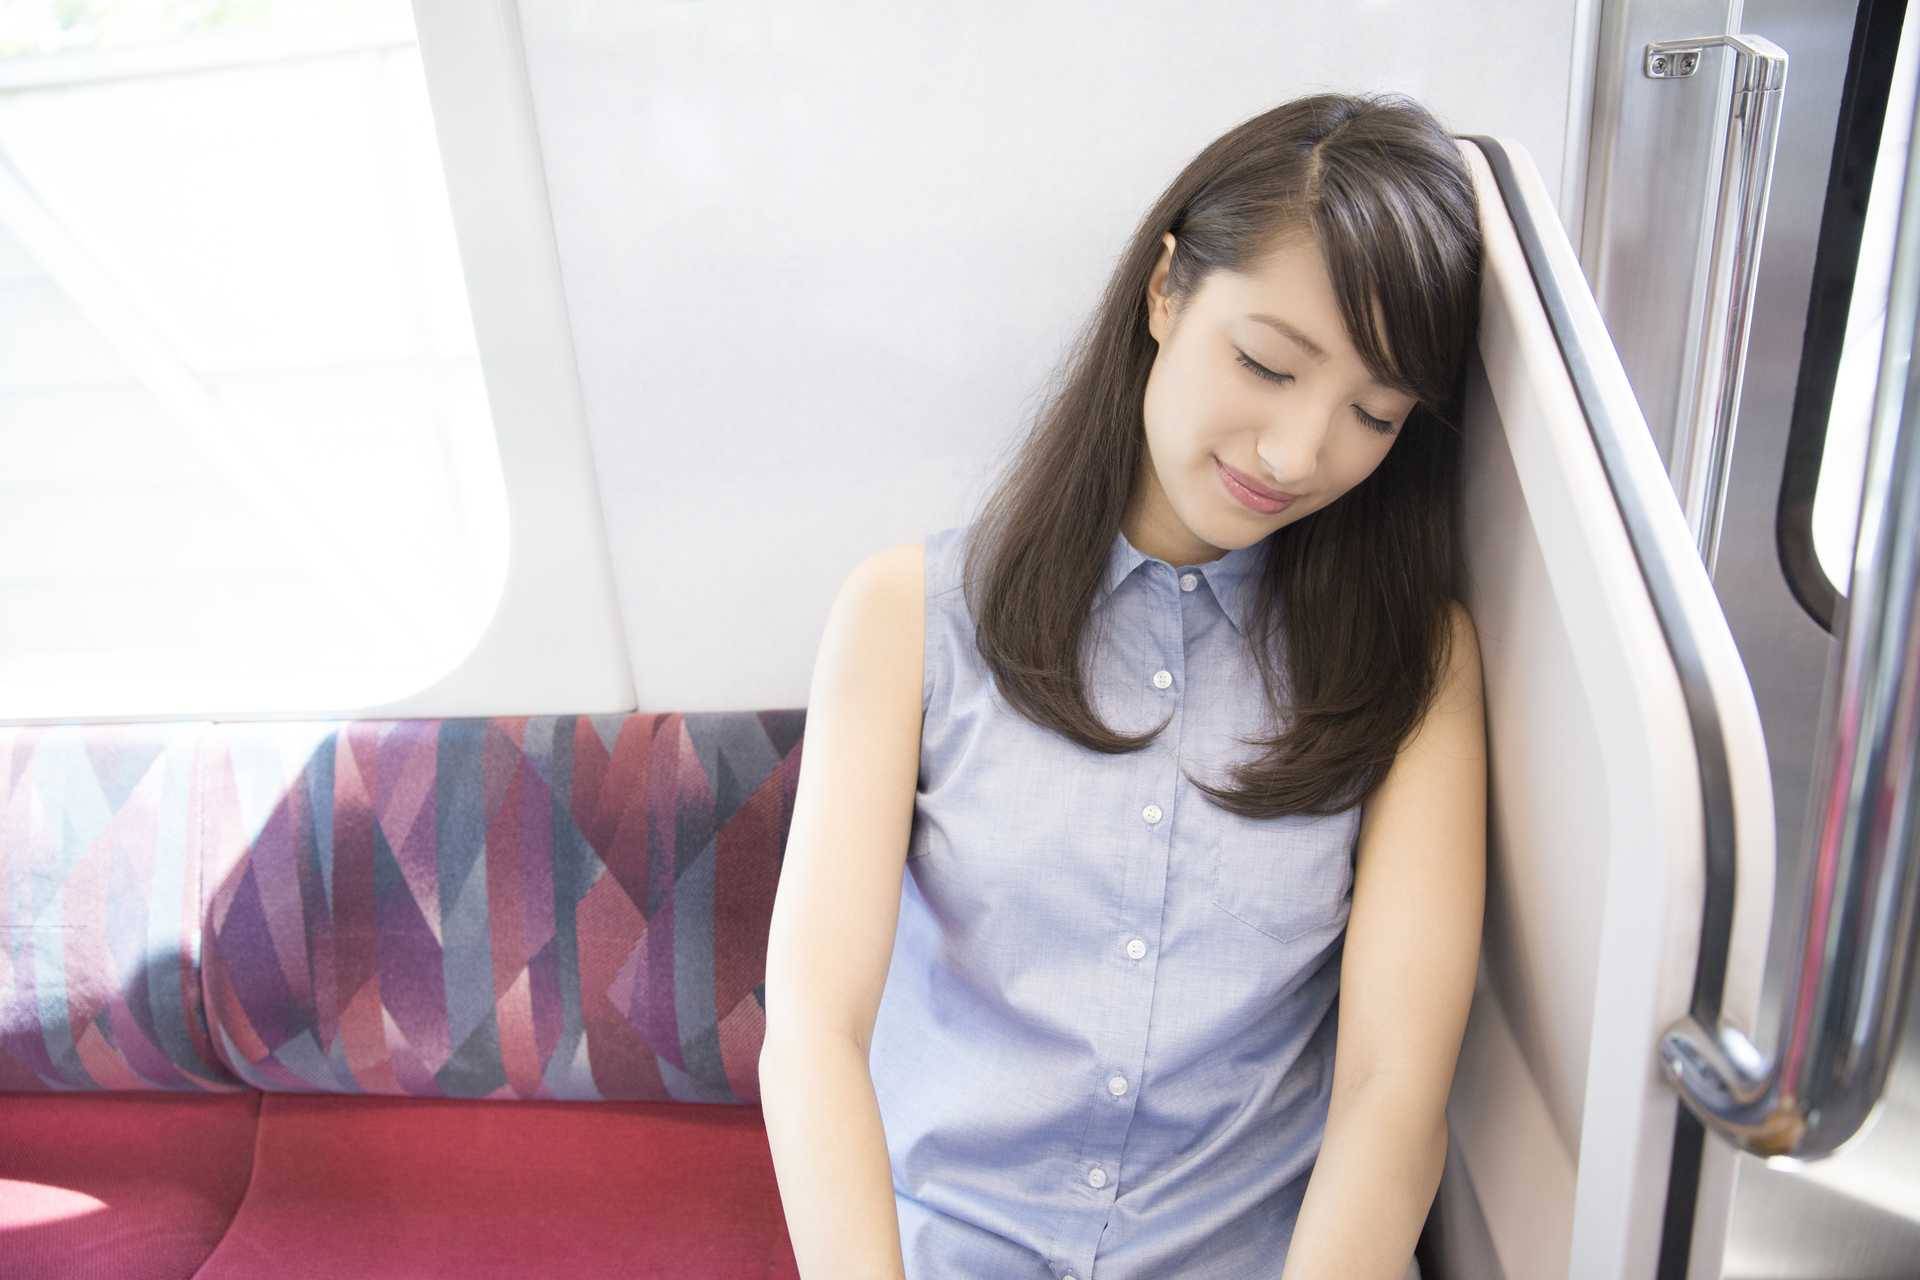 バスや電車の揺れは、最高の癒しである。 | 毎日を楽しく過ごす30の方法